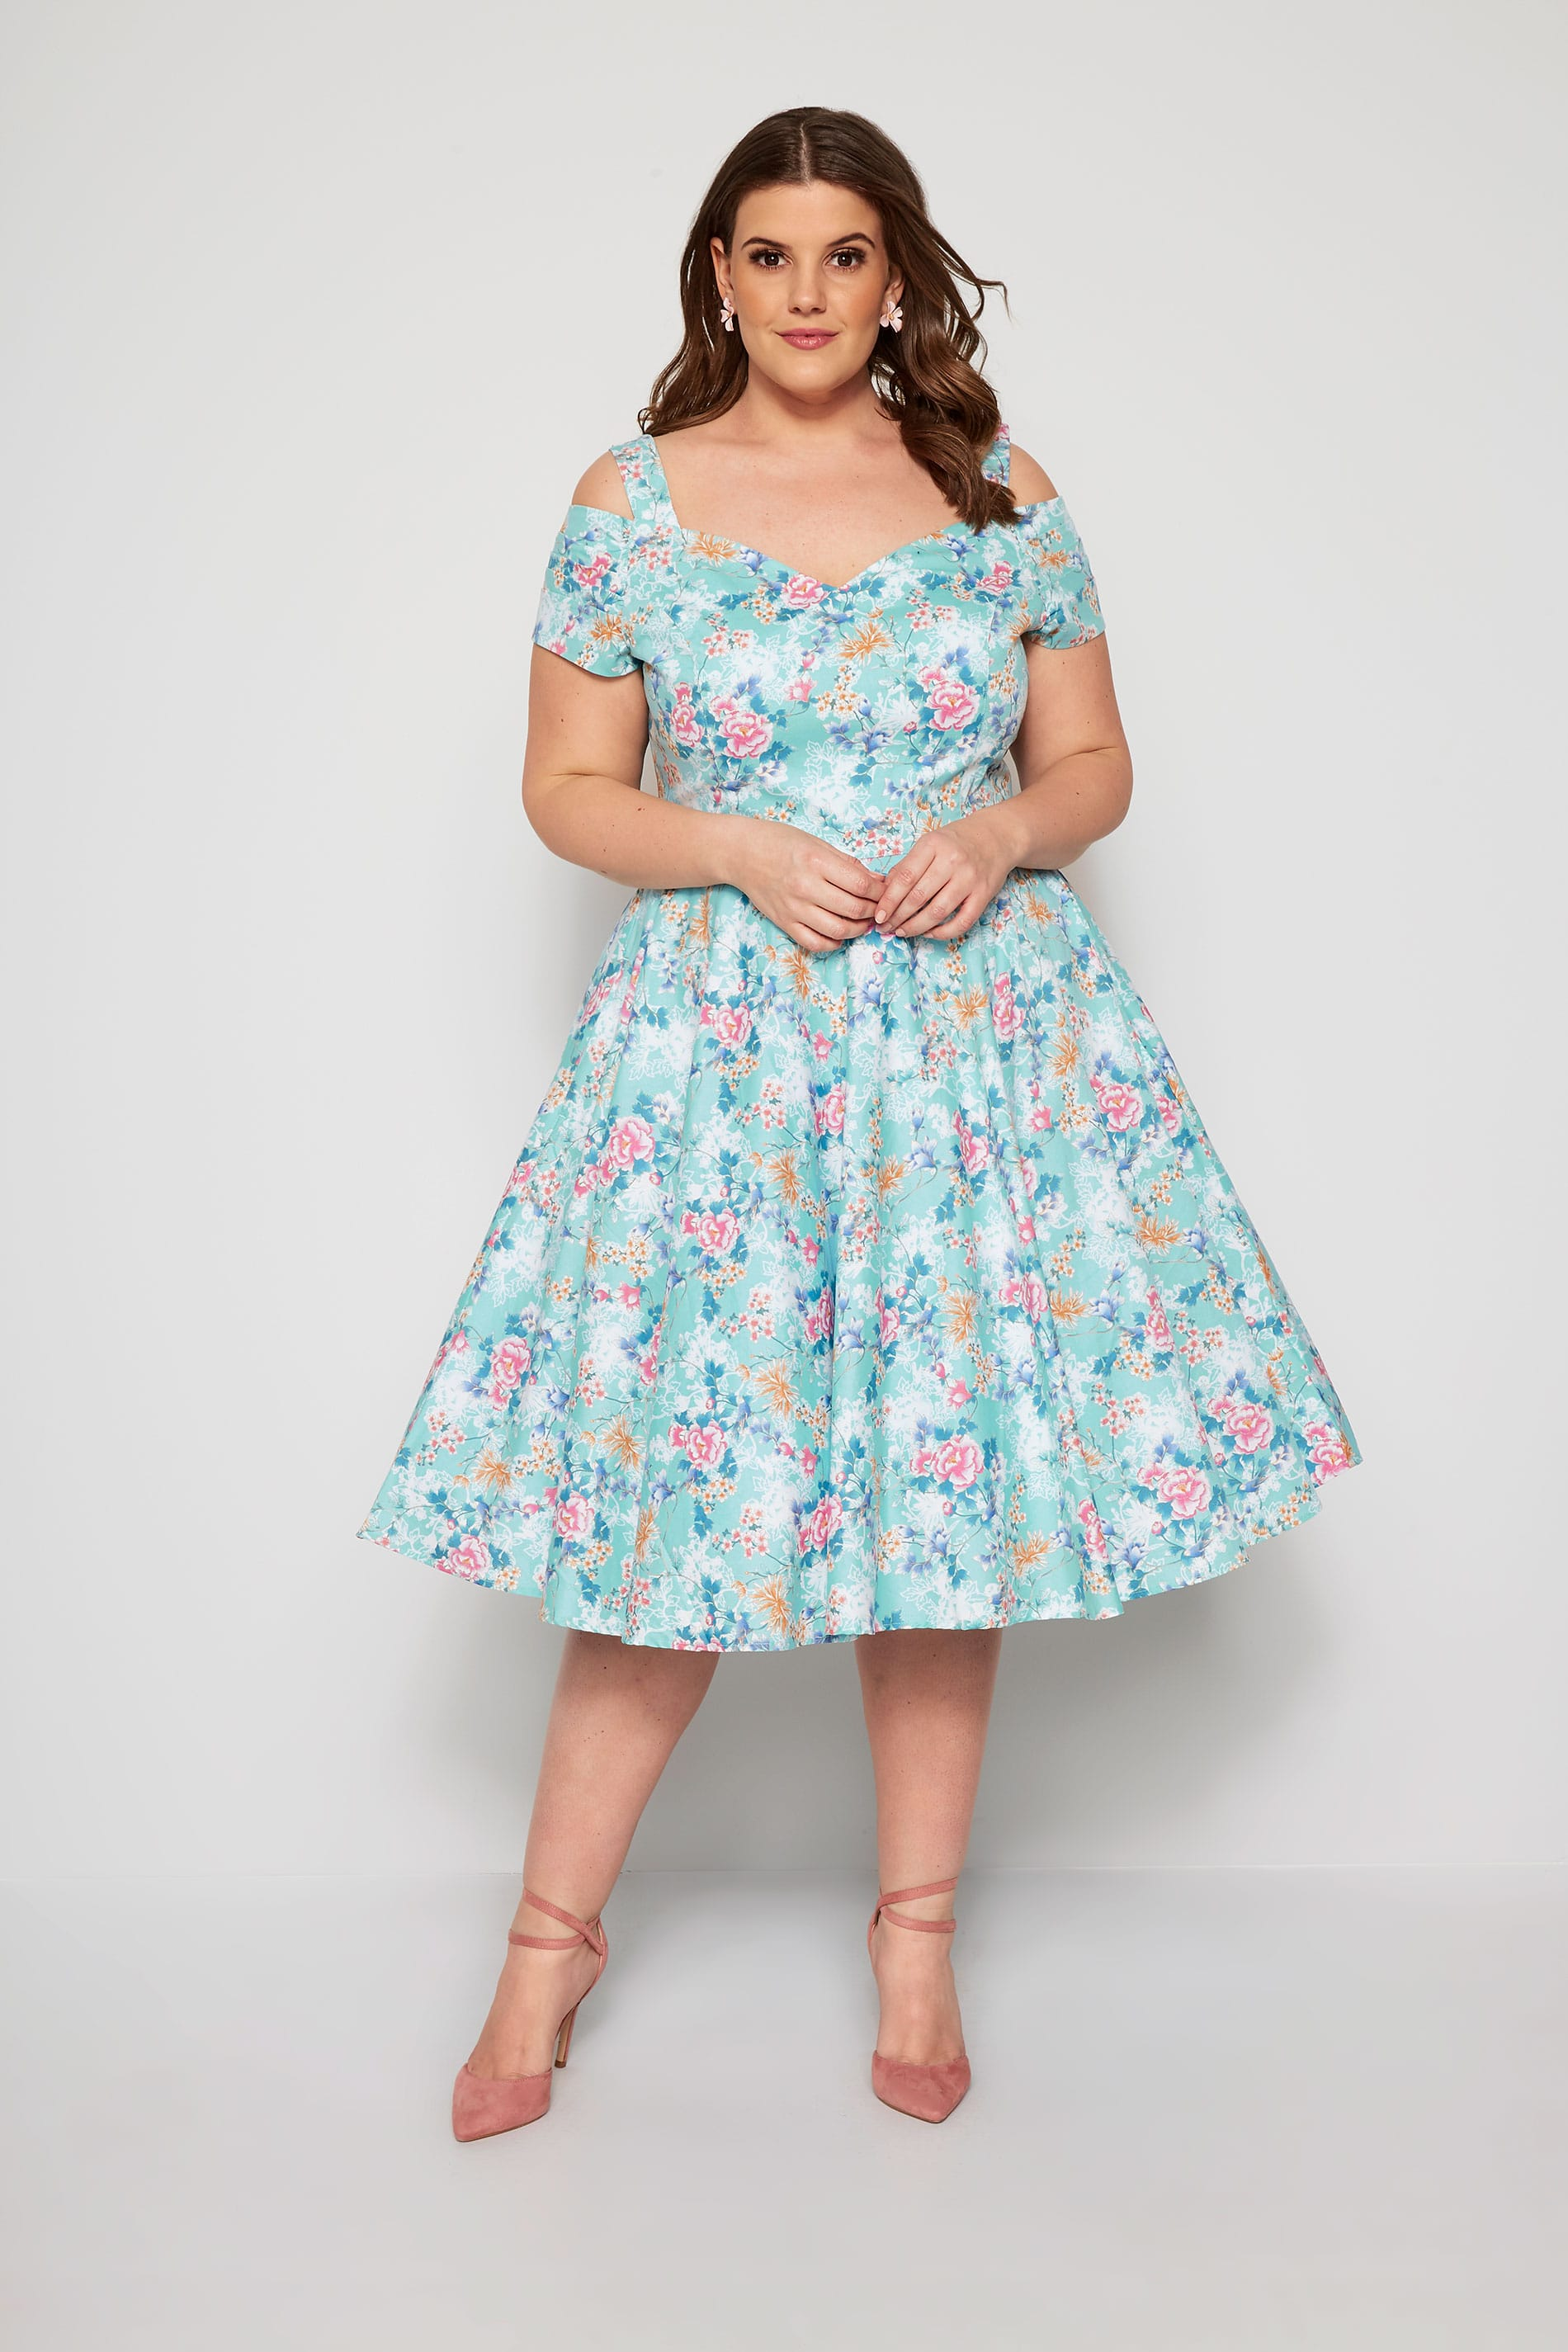 HELL BUNNY Blue Floral Yoko Cold Shoulder Dress